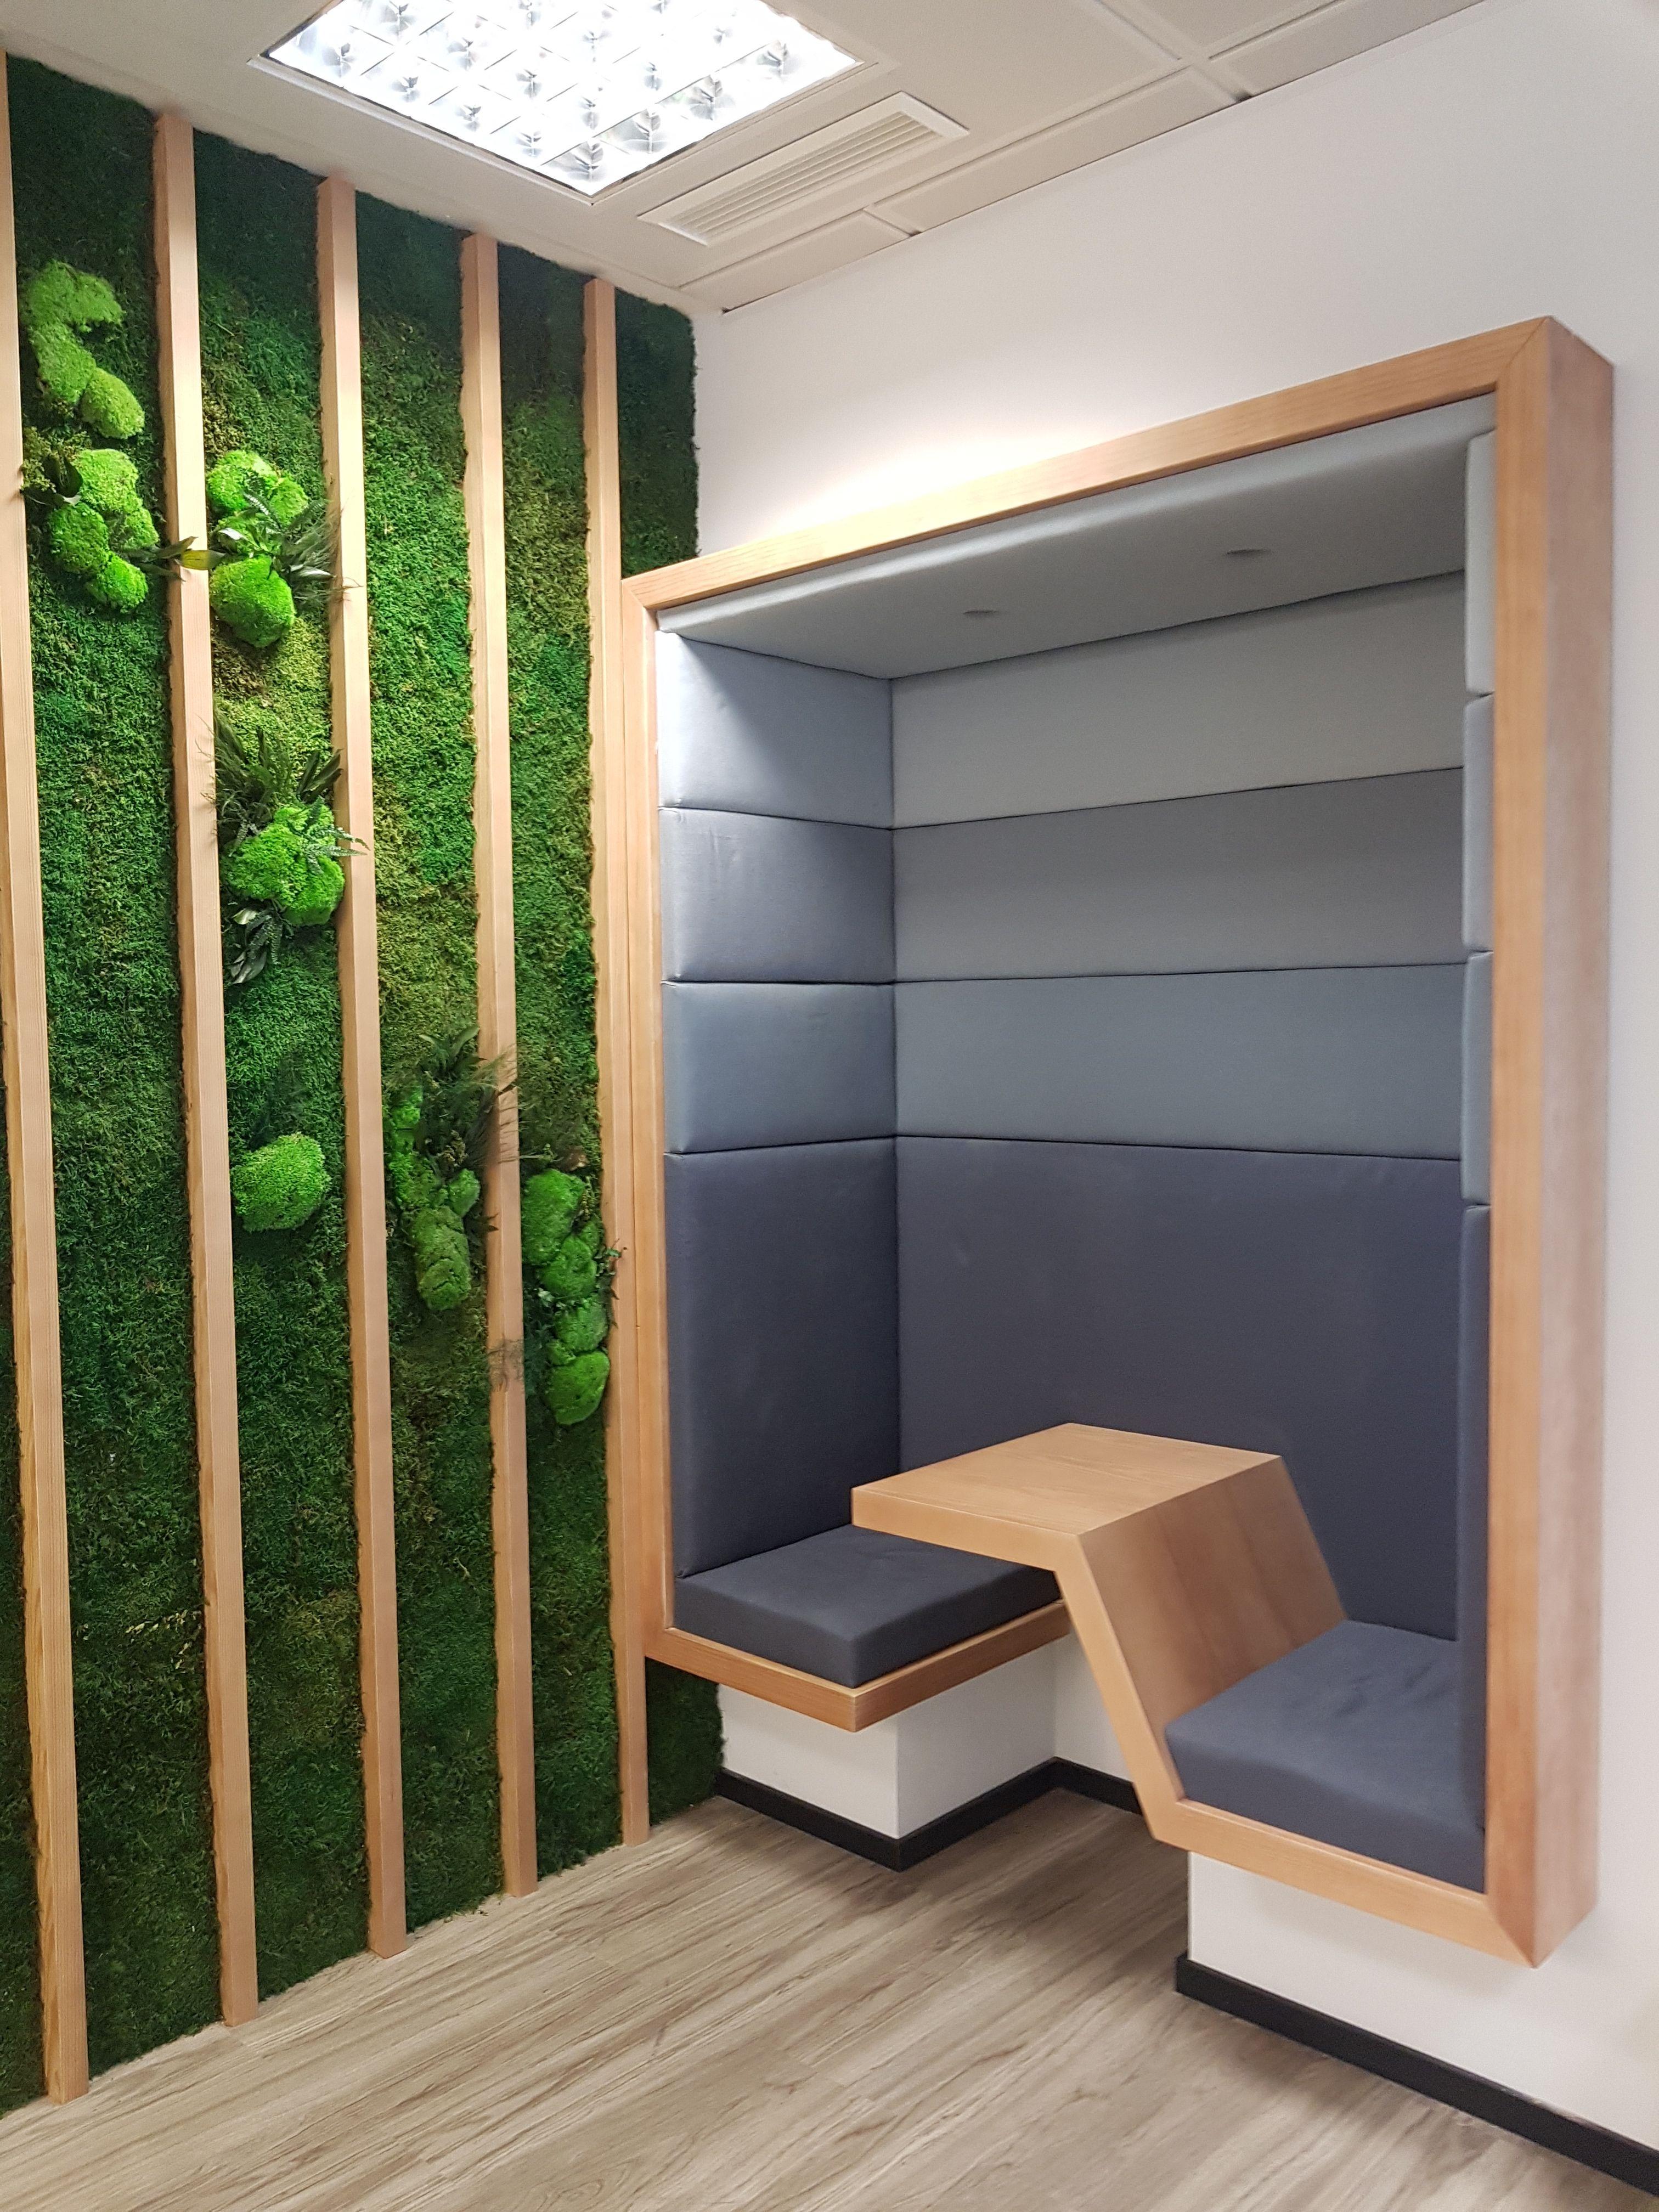 Fabricación de muebles a medida en Madrid